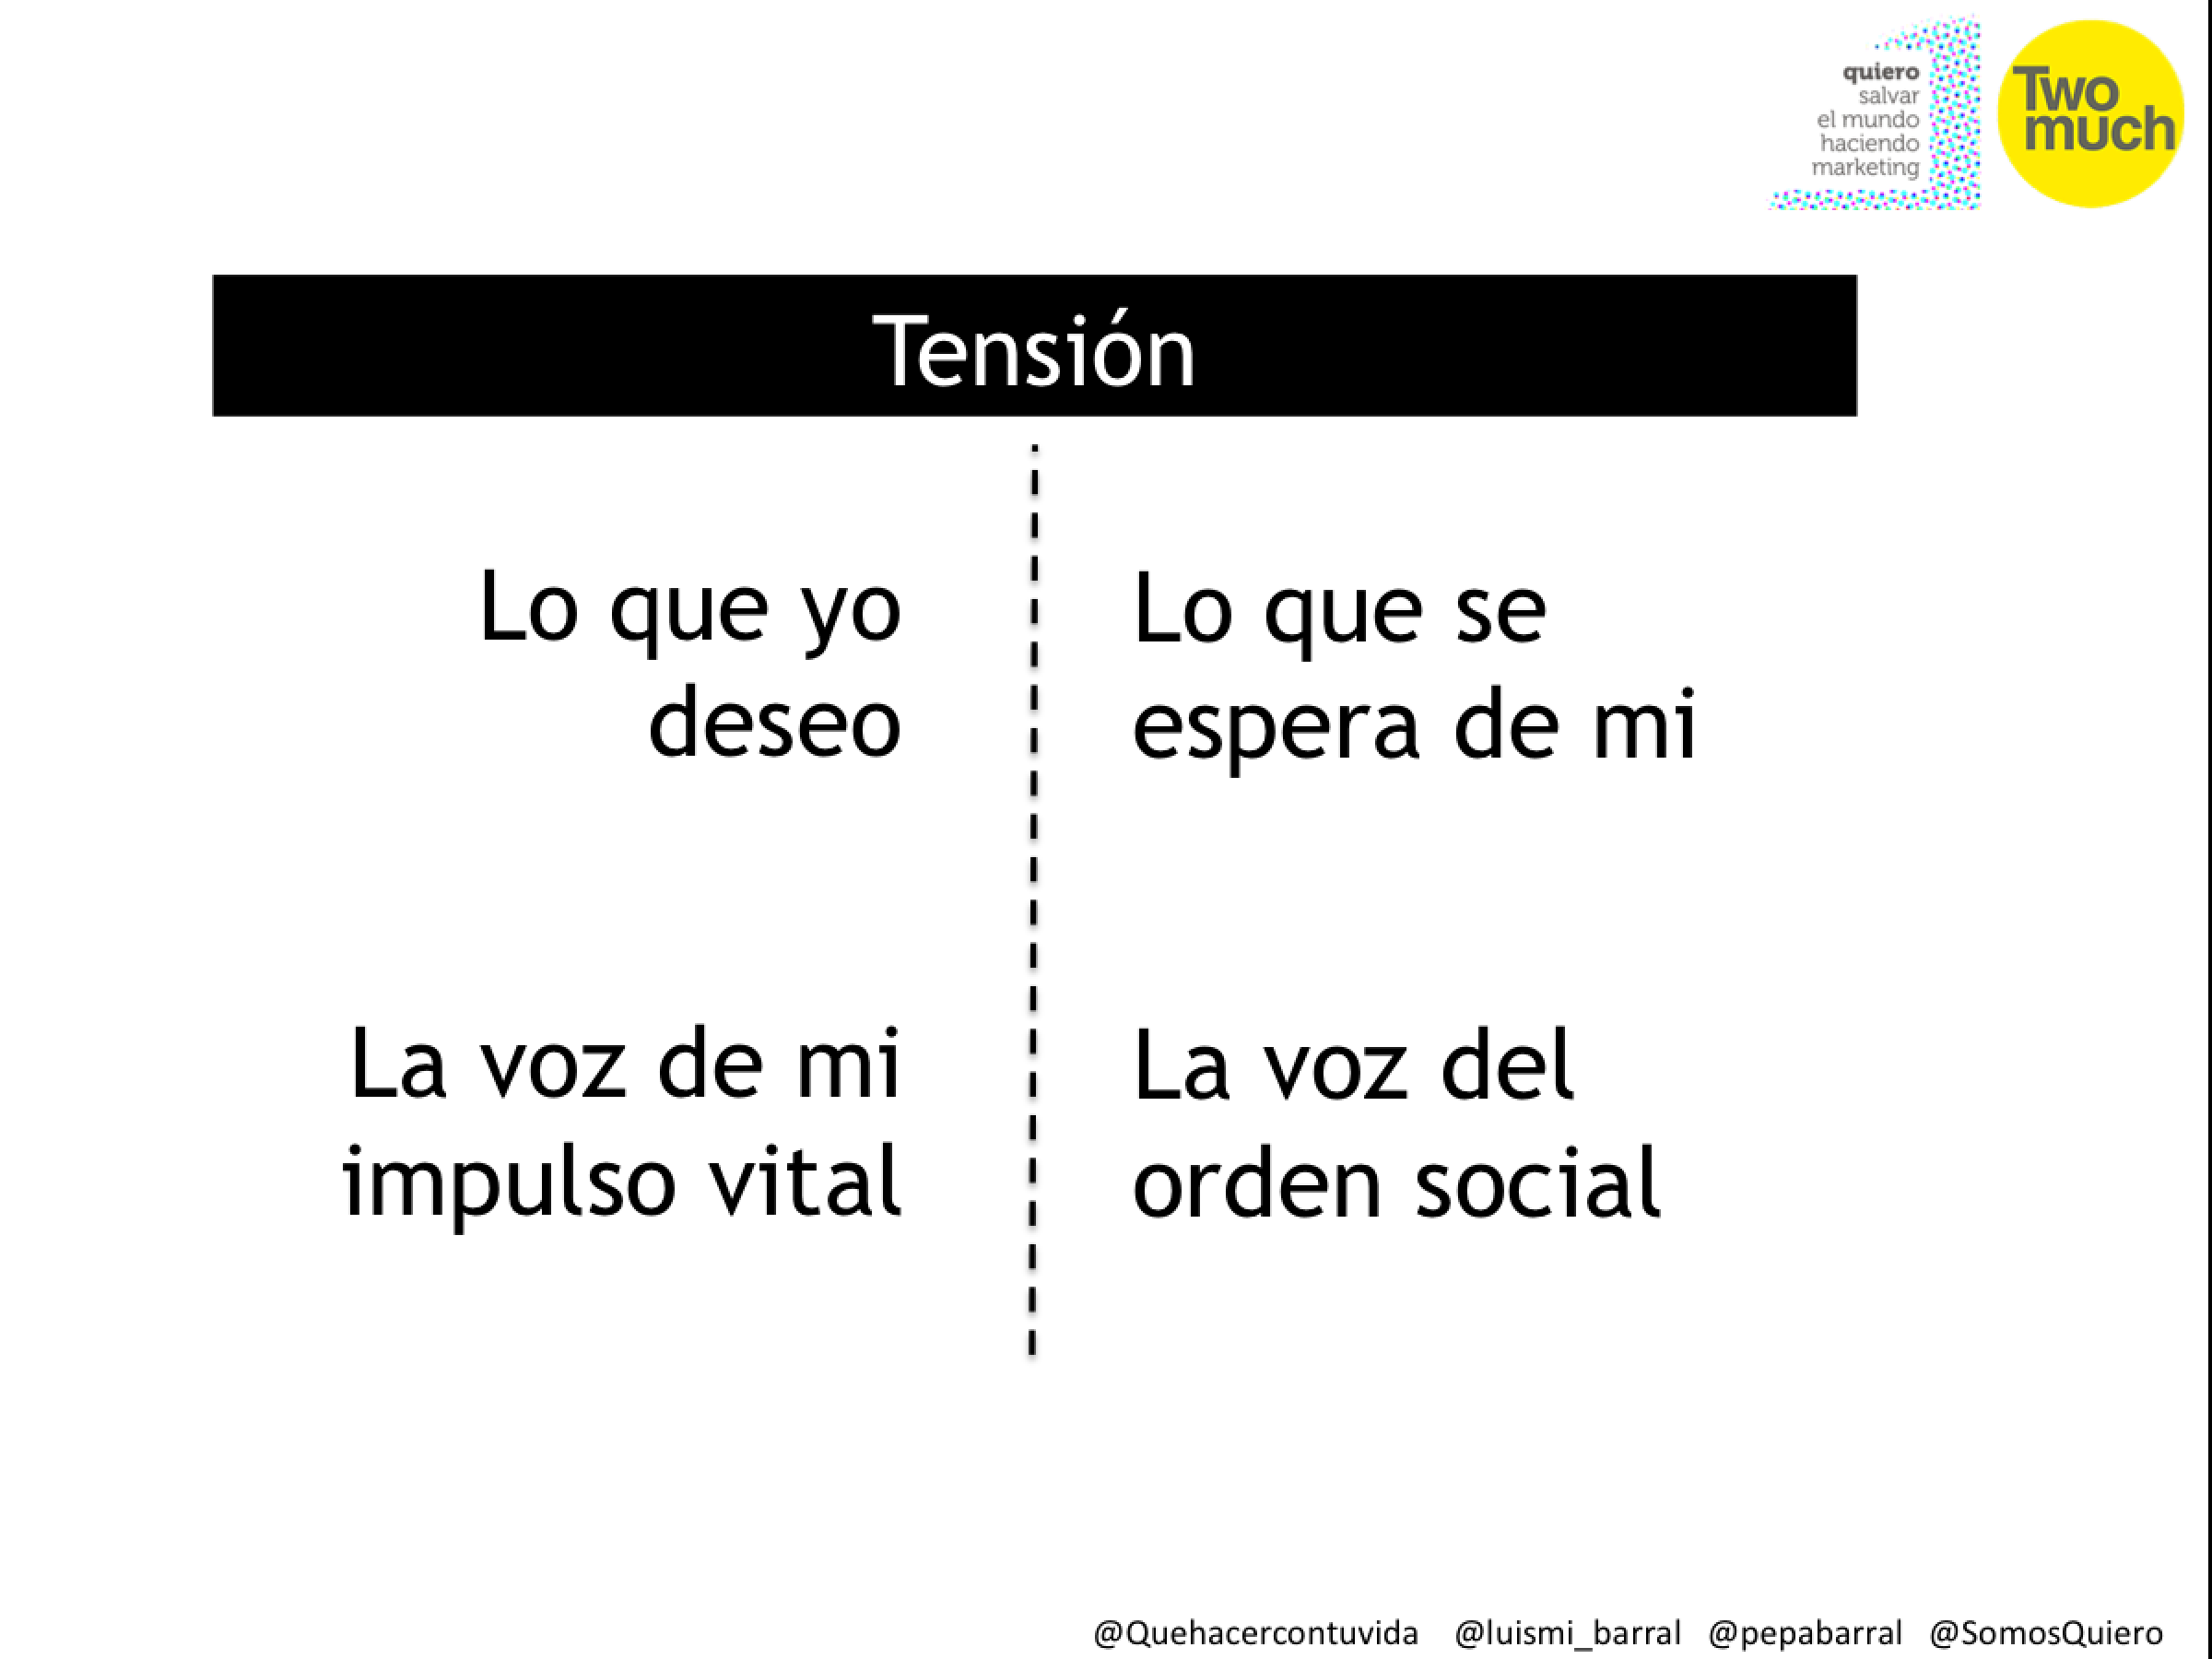 Tensión_Deseo_SeEspera